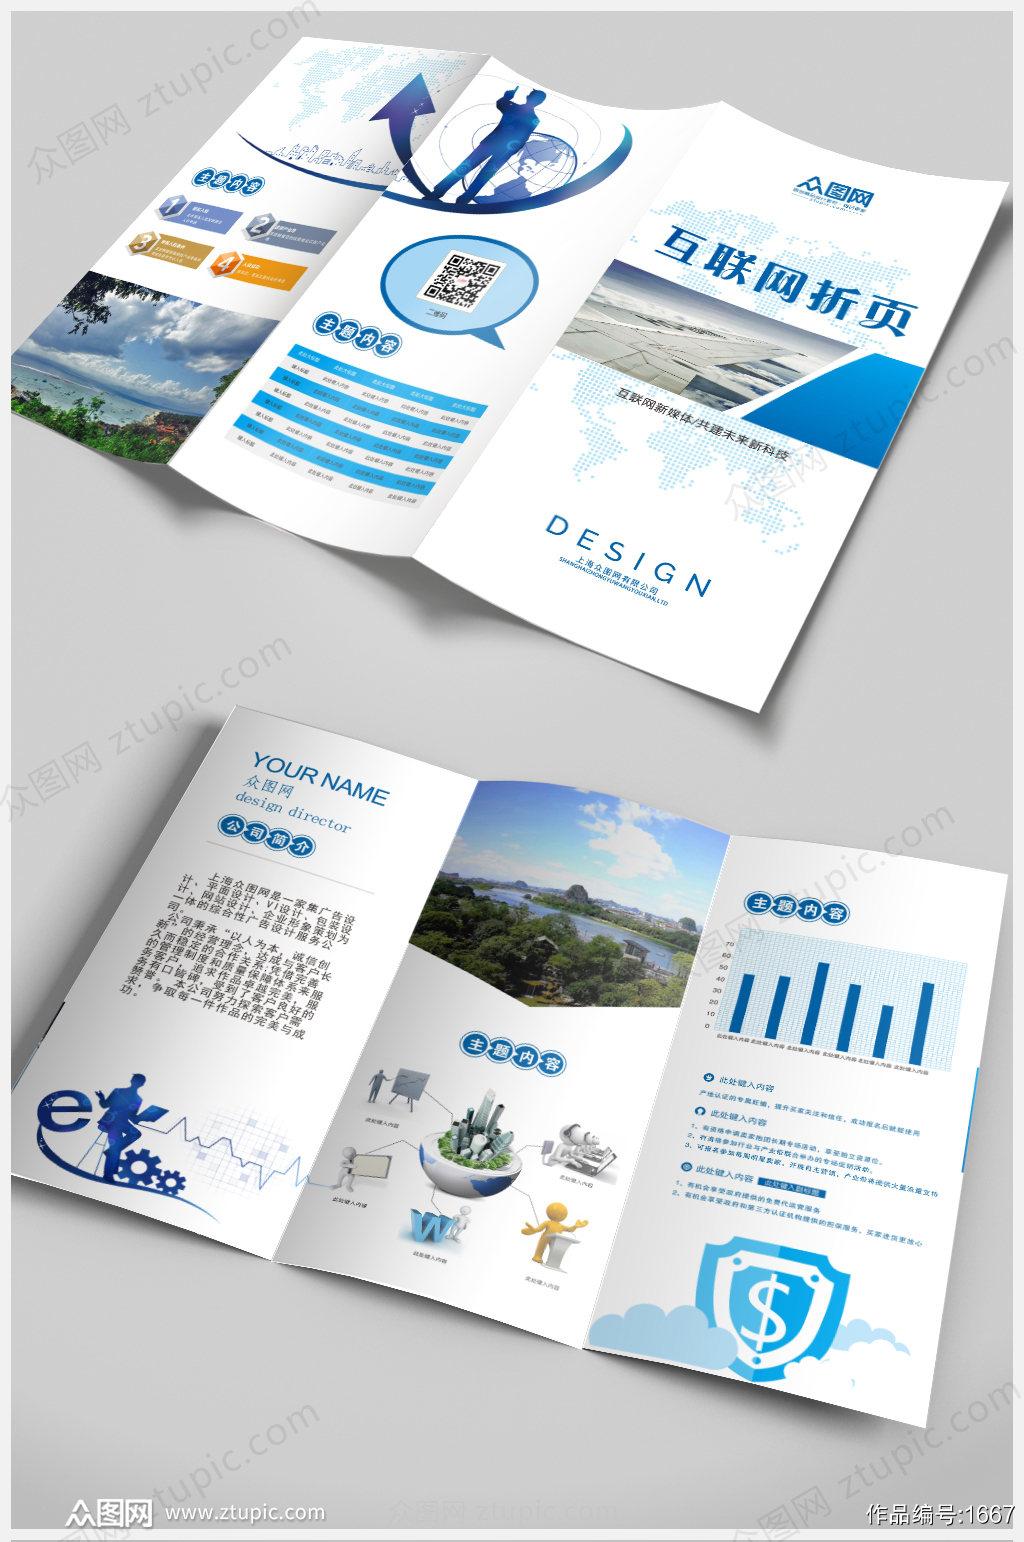 蓝色互联网公司产品宣传三折页素材